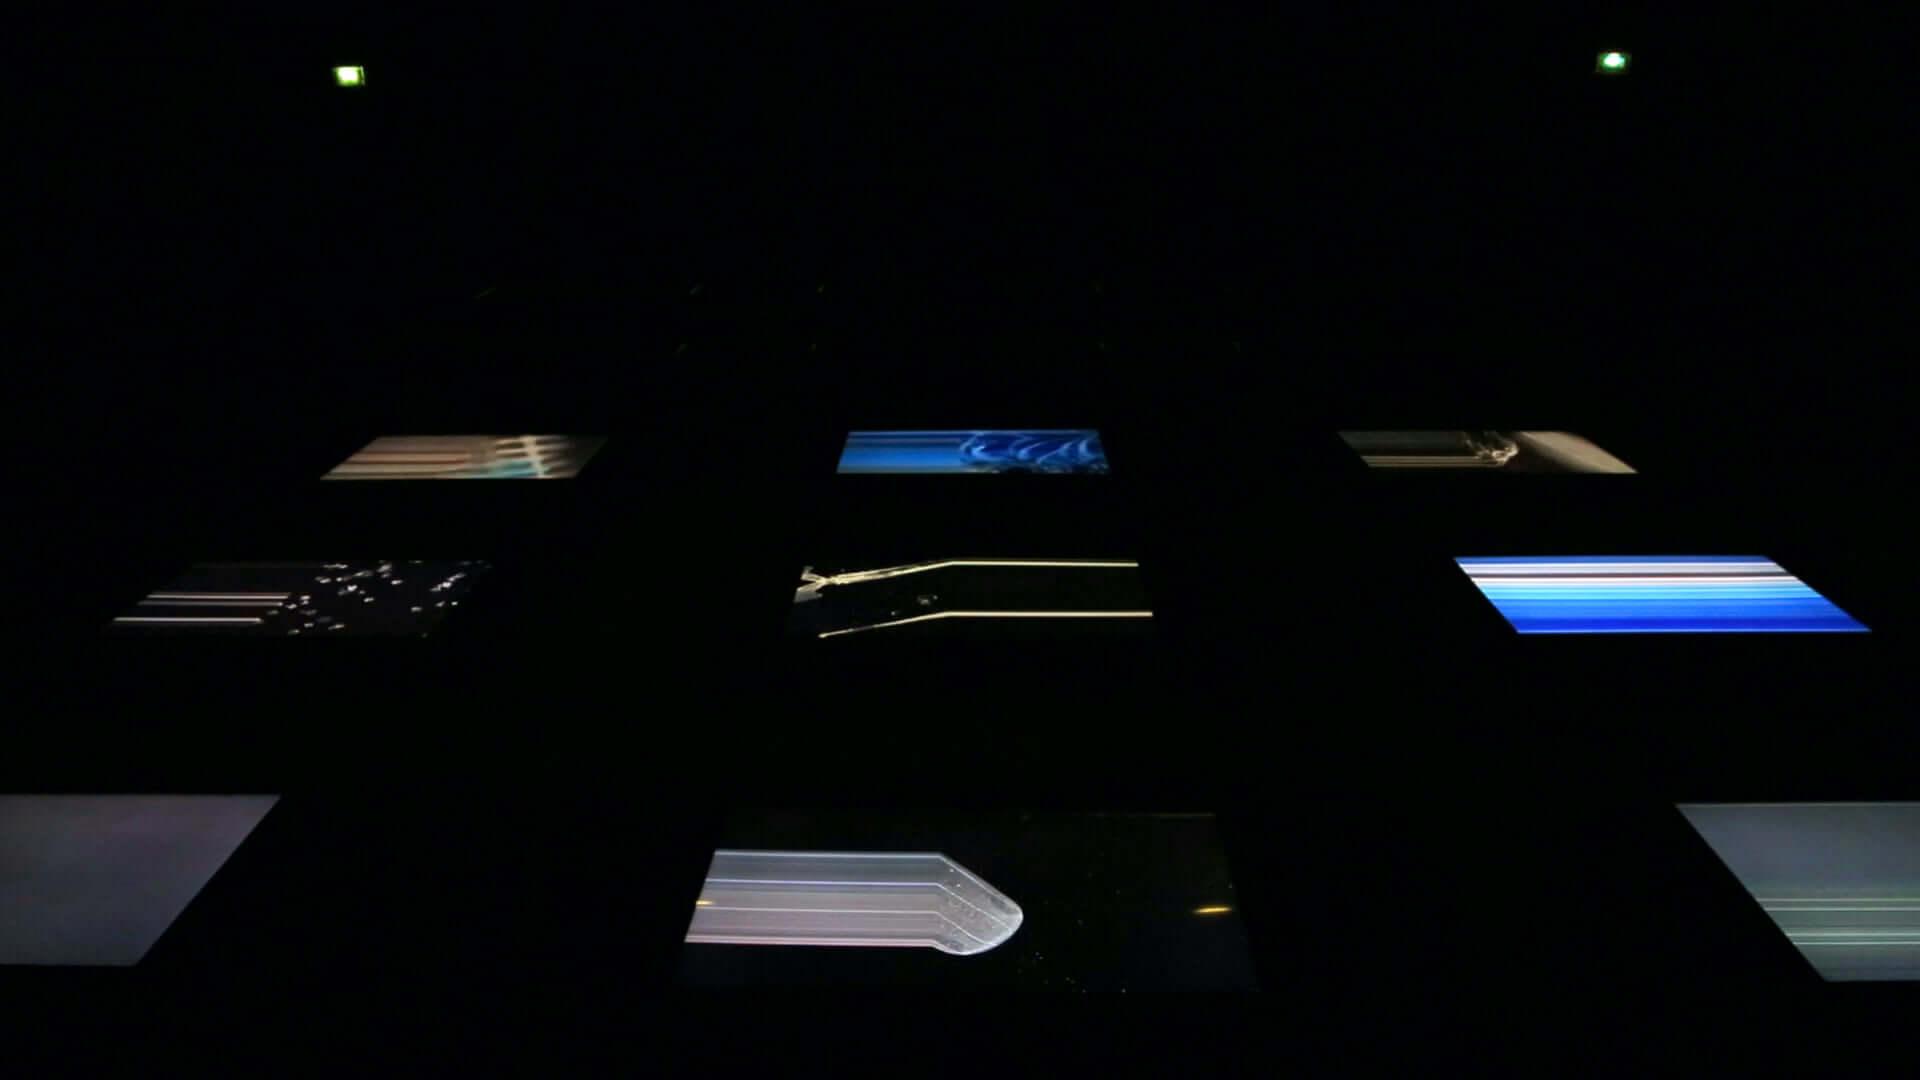 坂本龍一との共演でも知られるダムタイプのメンバー・高谷史郎の初ドキュメンタリー映画『DUMB TYPE 高谷史郎ー自然とテクノロジーのはざま』の劇場公開が決定 film200217_shirotakatani_4-1920x1080